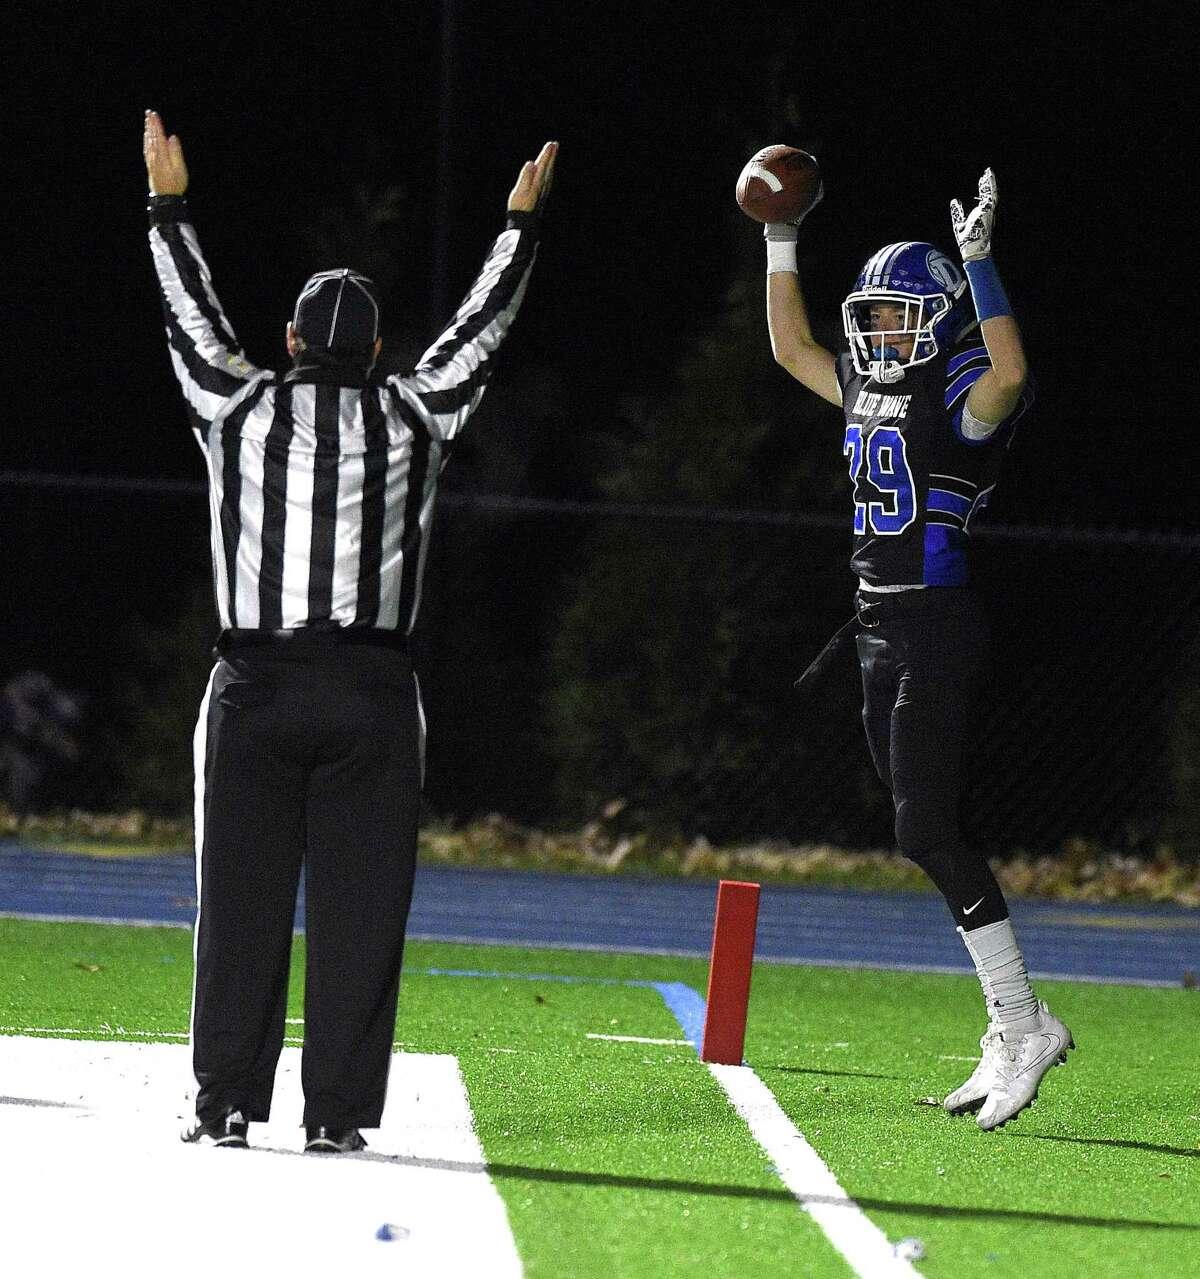 Darien Tyler Hergert (29) celebrates a touchdown against East Hartford in a CIAC Class LL football quarterfinal championship game at Darien High School on Tuesday, Nov. 28, 2017 in Darein, Connecticut.